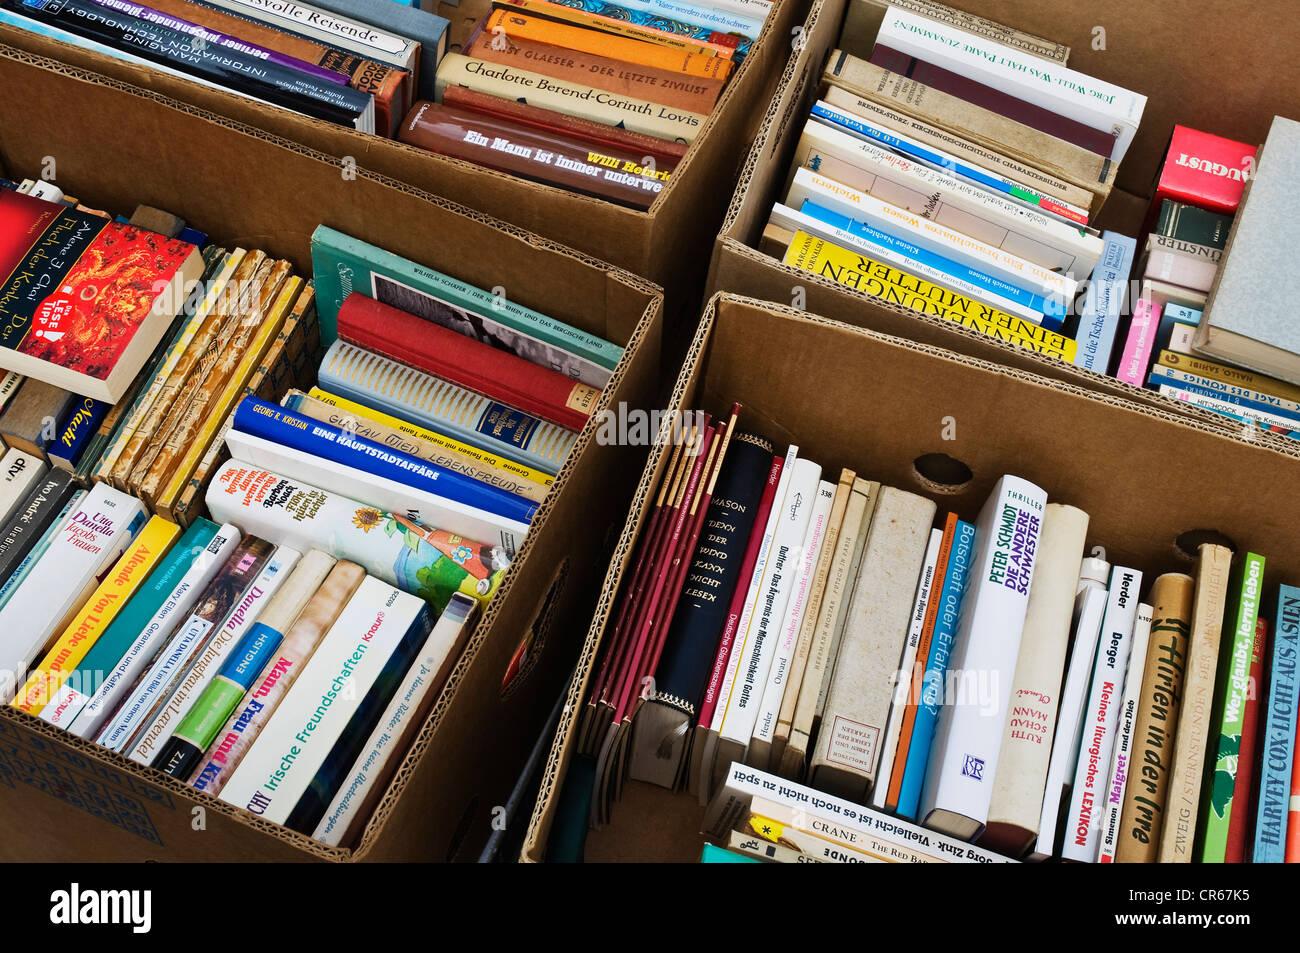 Buch-Flohmarkt, Boxen von Belletristik, PublicGround Stockbild